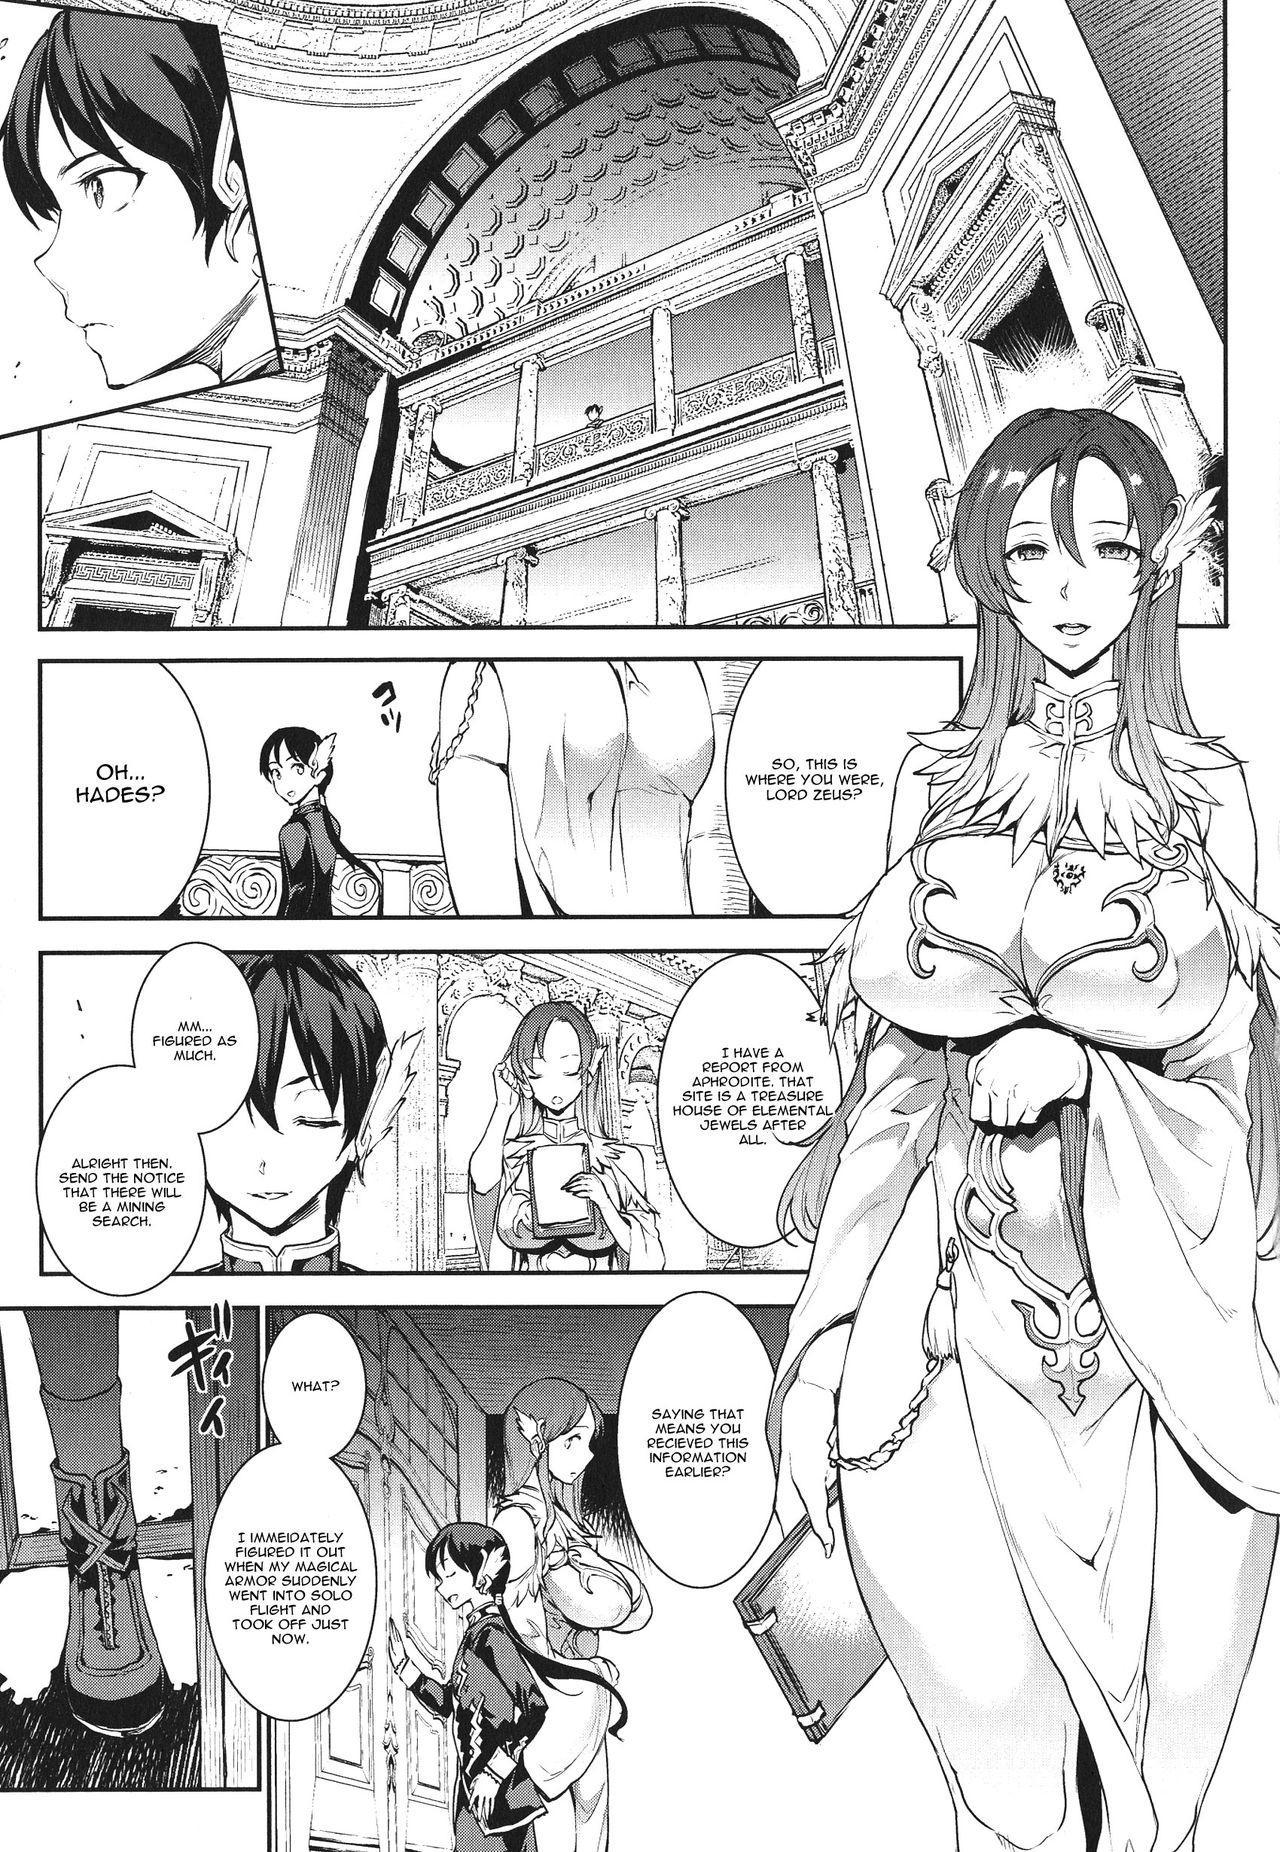 [Erect Sawaru] Raikou Shinki Igis Magia -PANDRA saga 3rd ignition- Ch. 1-5 [English] [CGrascal] 58